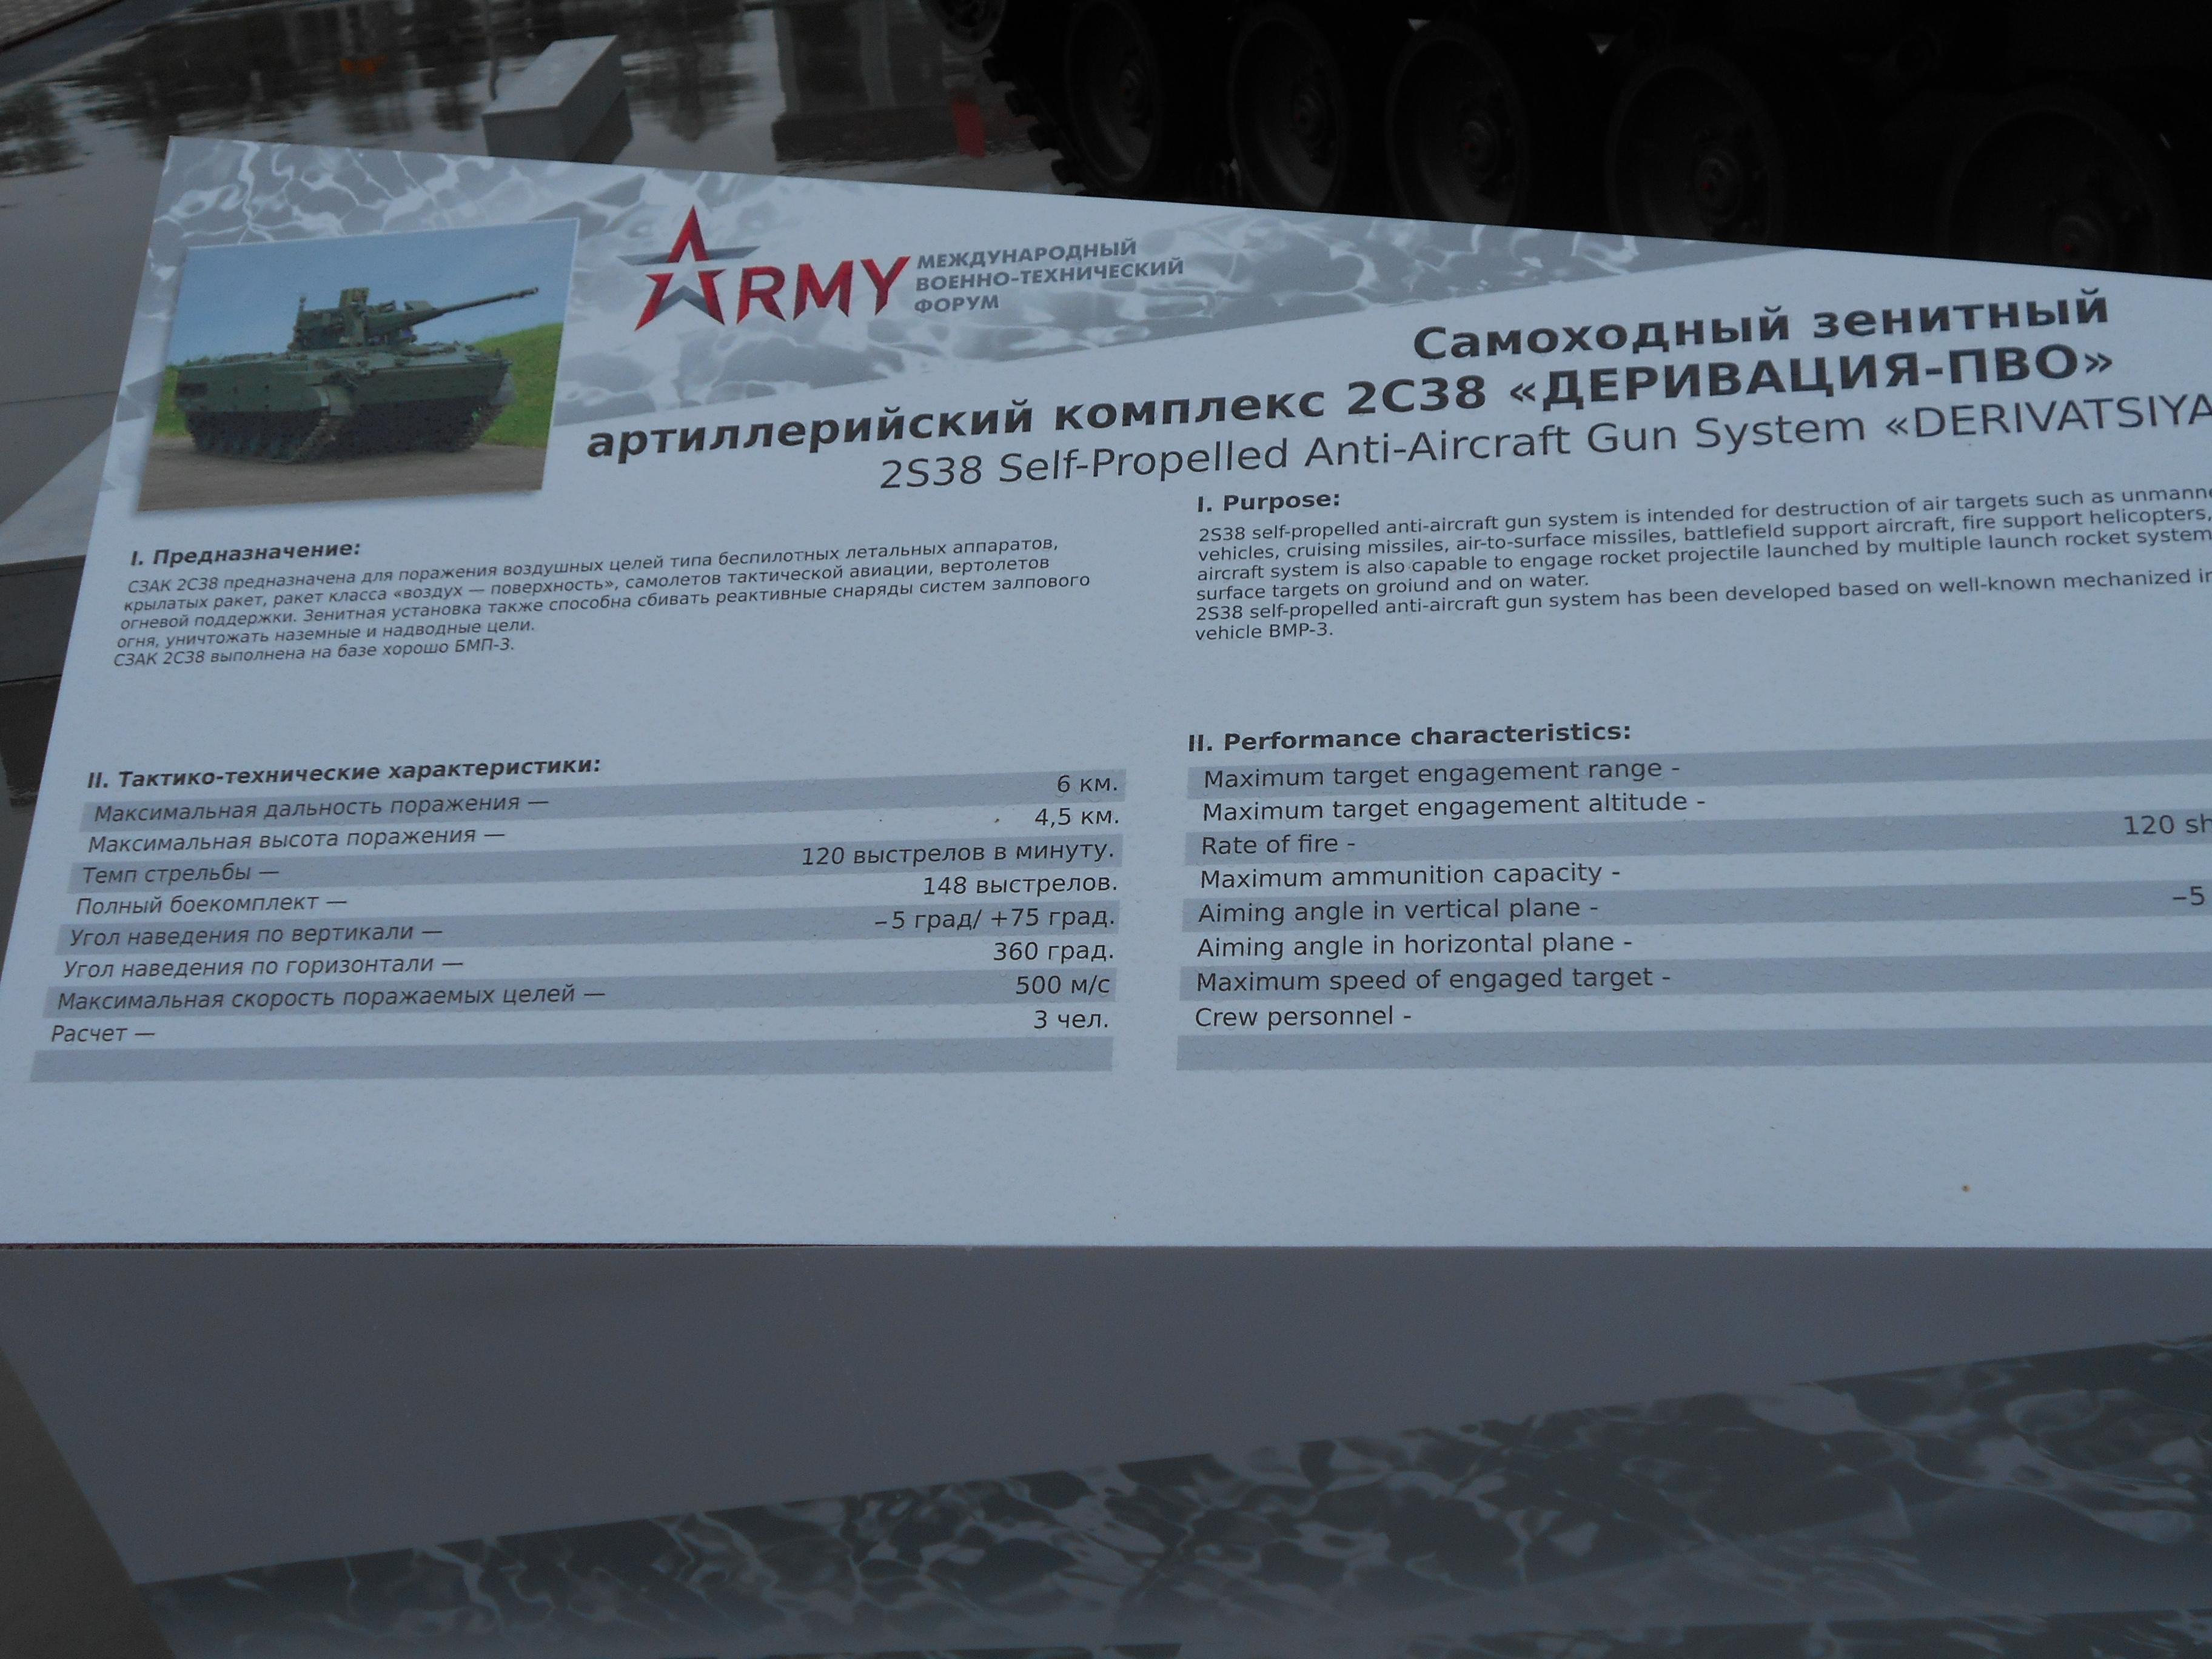 http://forumupload.ru/uploads/000a/e3/16/369/408998.jpg